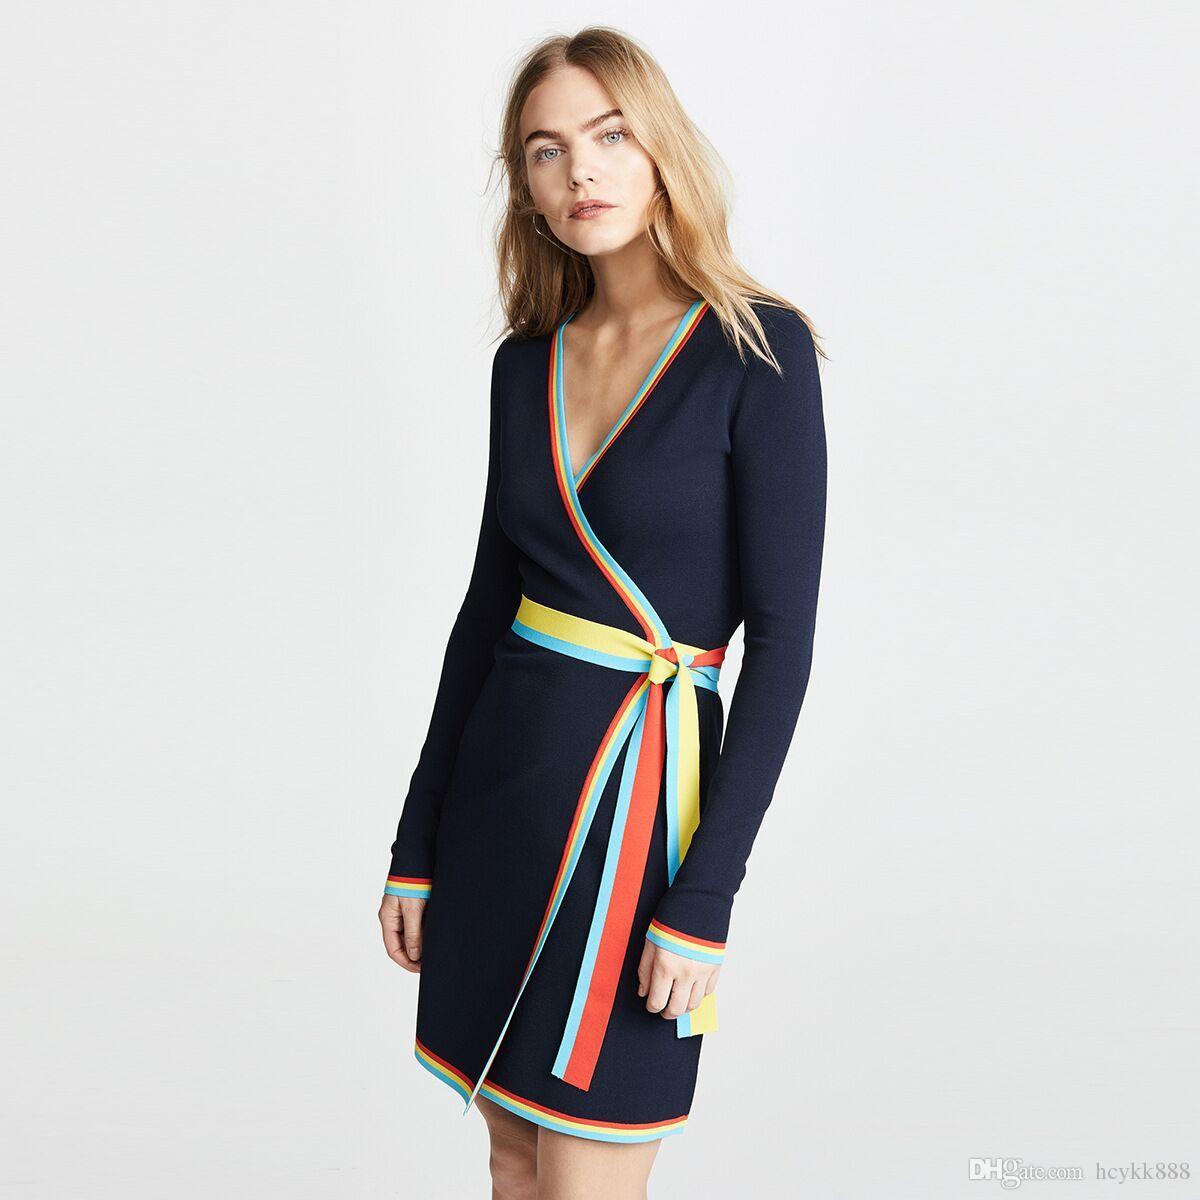 a36c2c0fe2b00 Kadın Sonbahar Örgü Triko Elbise 2018 Moda V yaka zıt renk sınır ile  Elastik Düz Renk ...